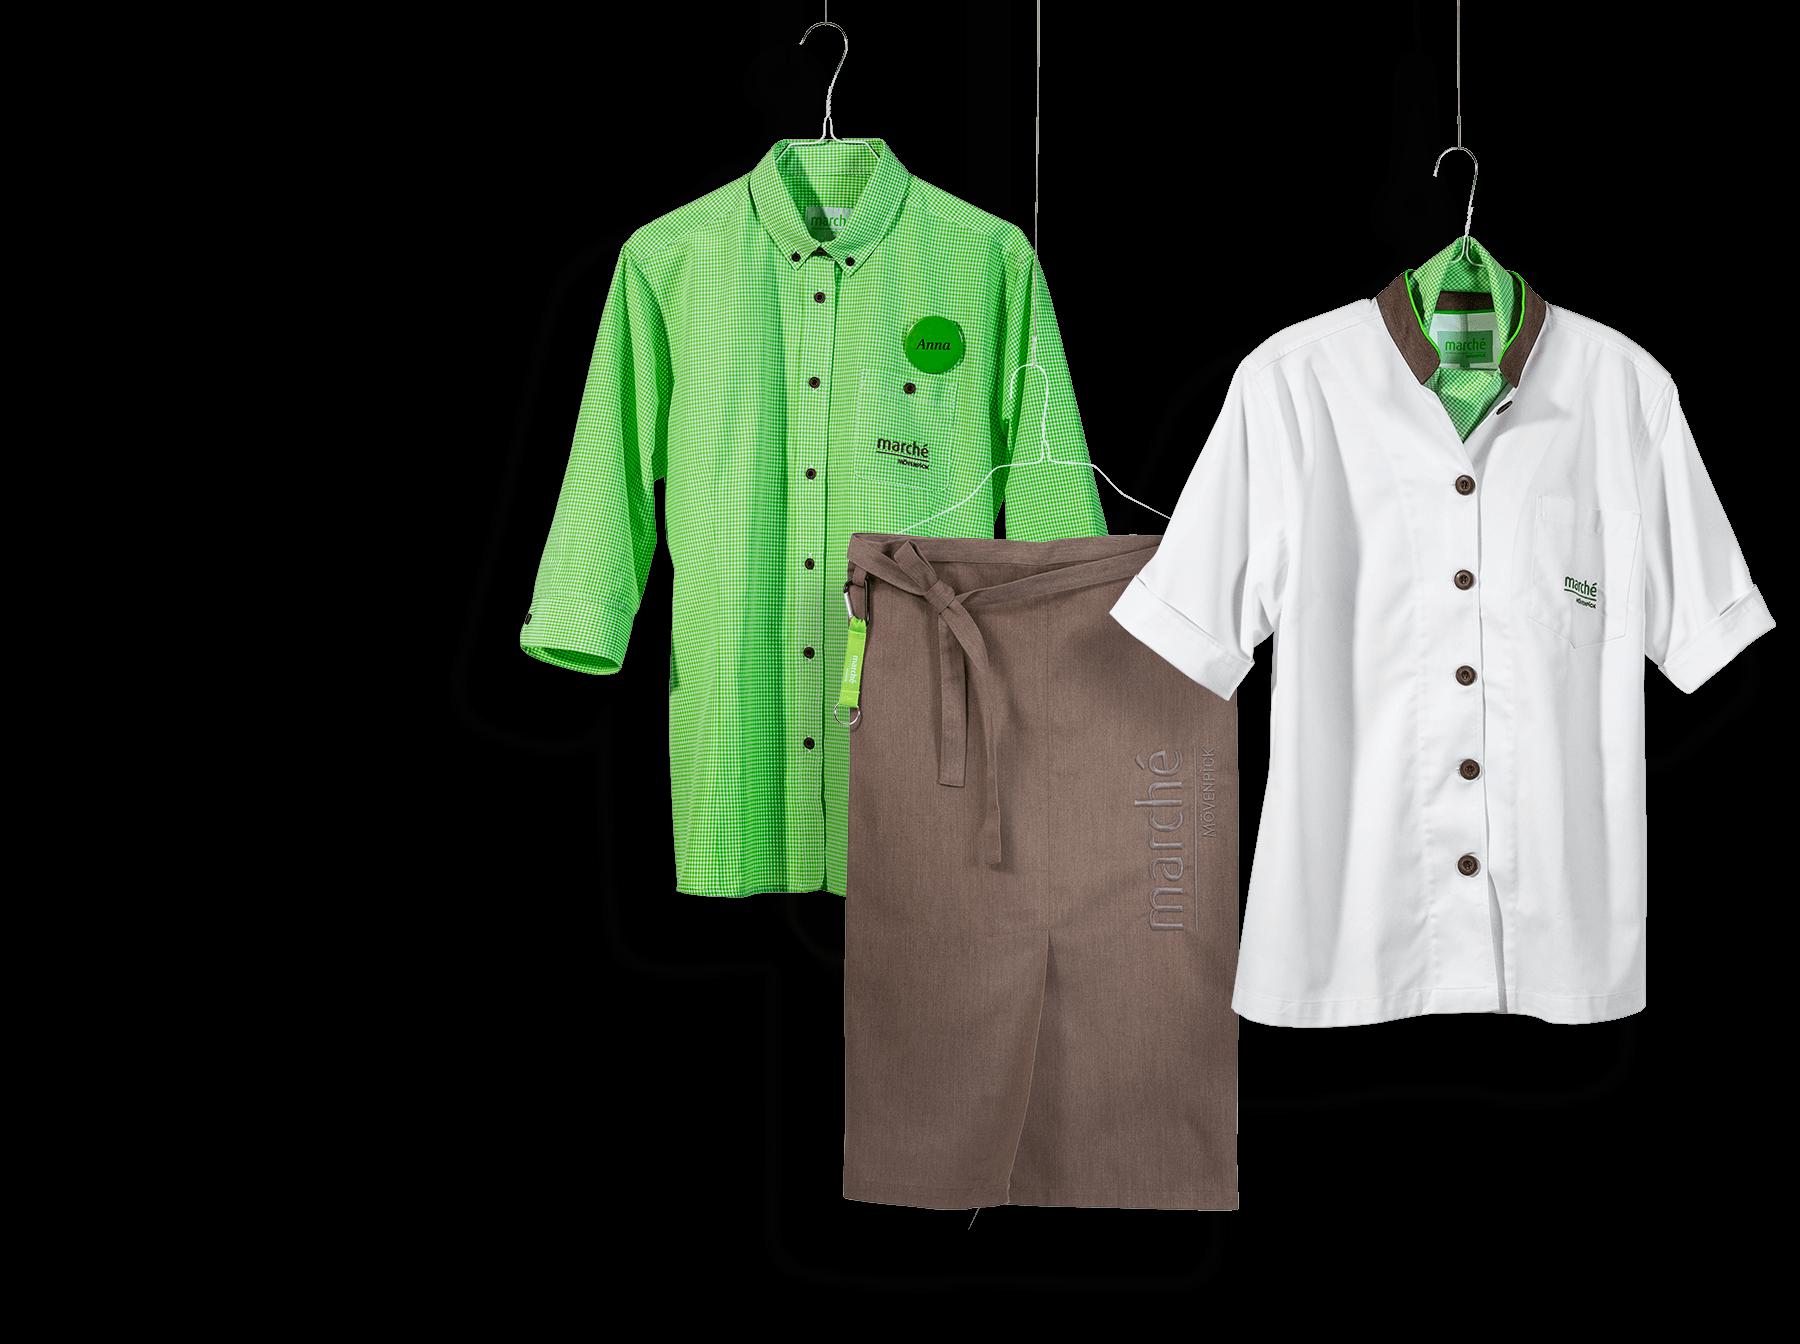 Mitarbeiterbekleidung für Marche. Hemd, Kochjacke und braue Schürze an Kleiderhaken aufgehängt